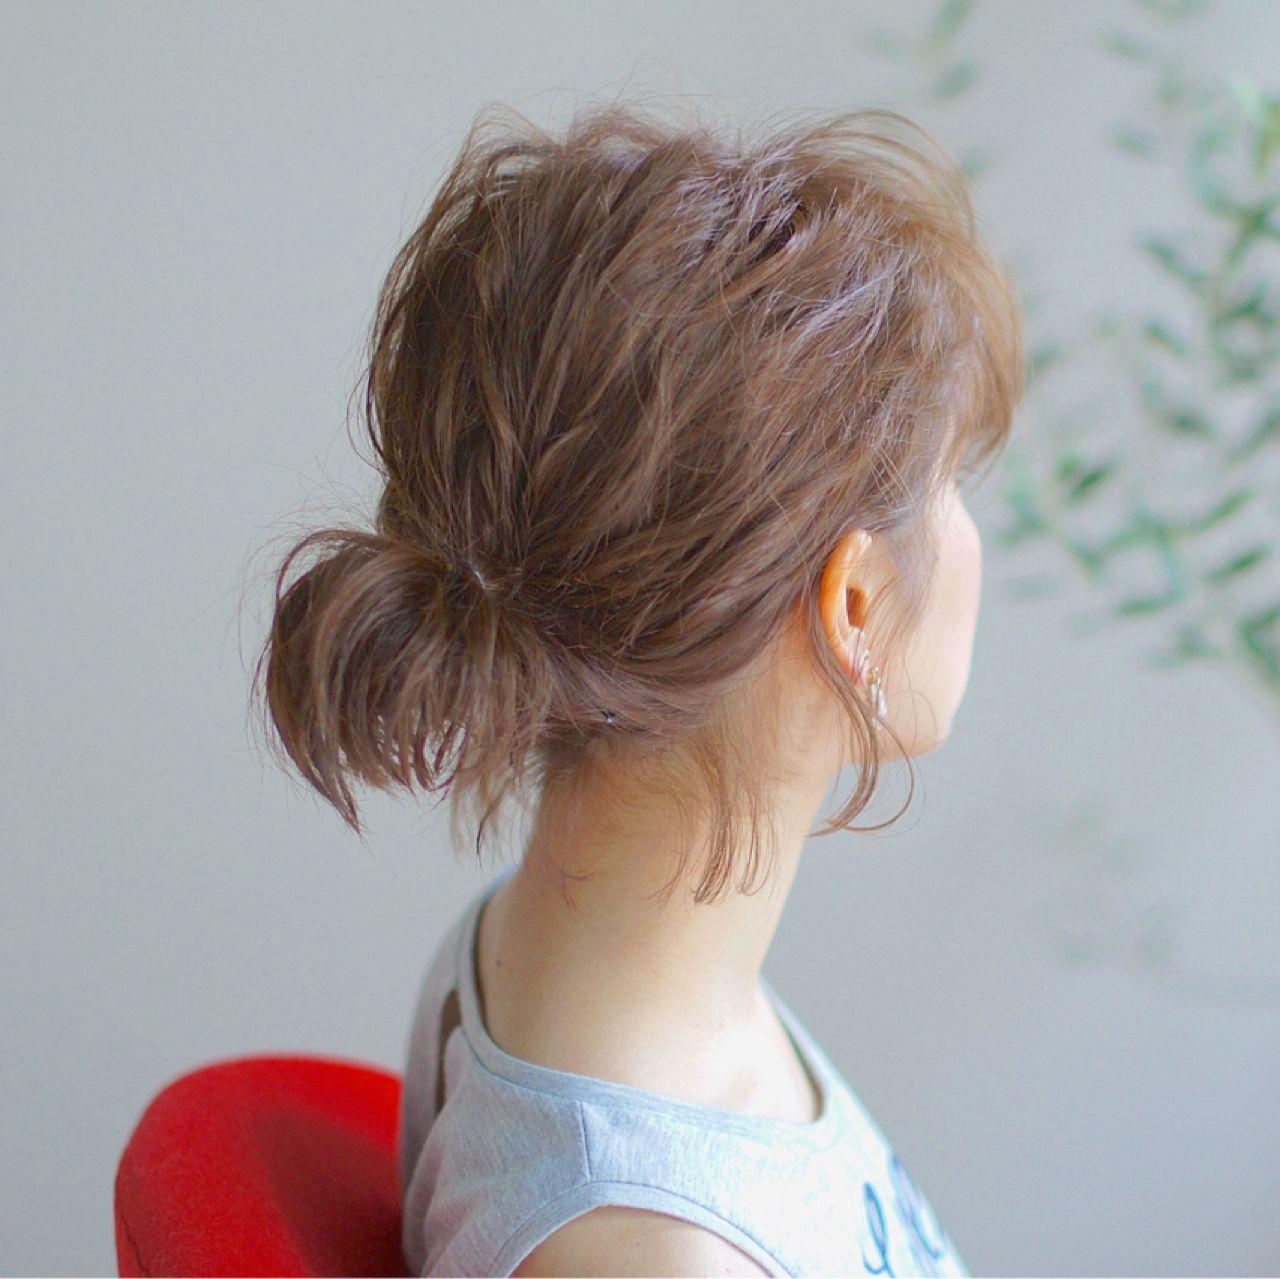 ショートヘアでも楽しめる!簡単可愛いアップヘアアレンジ